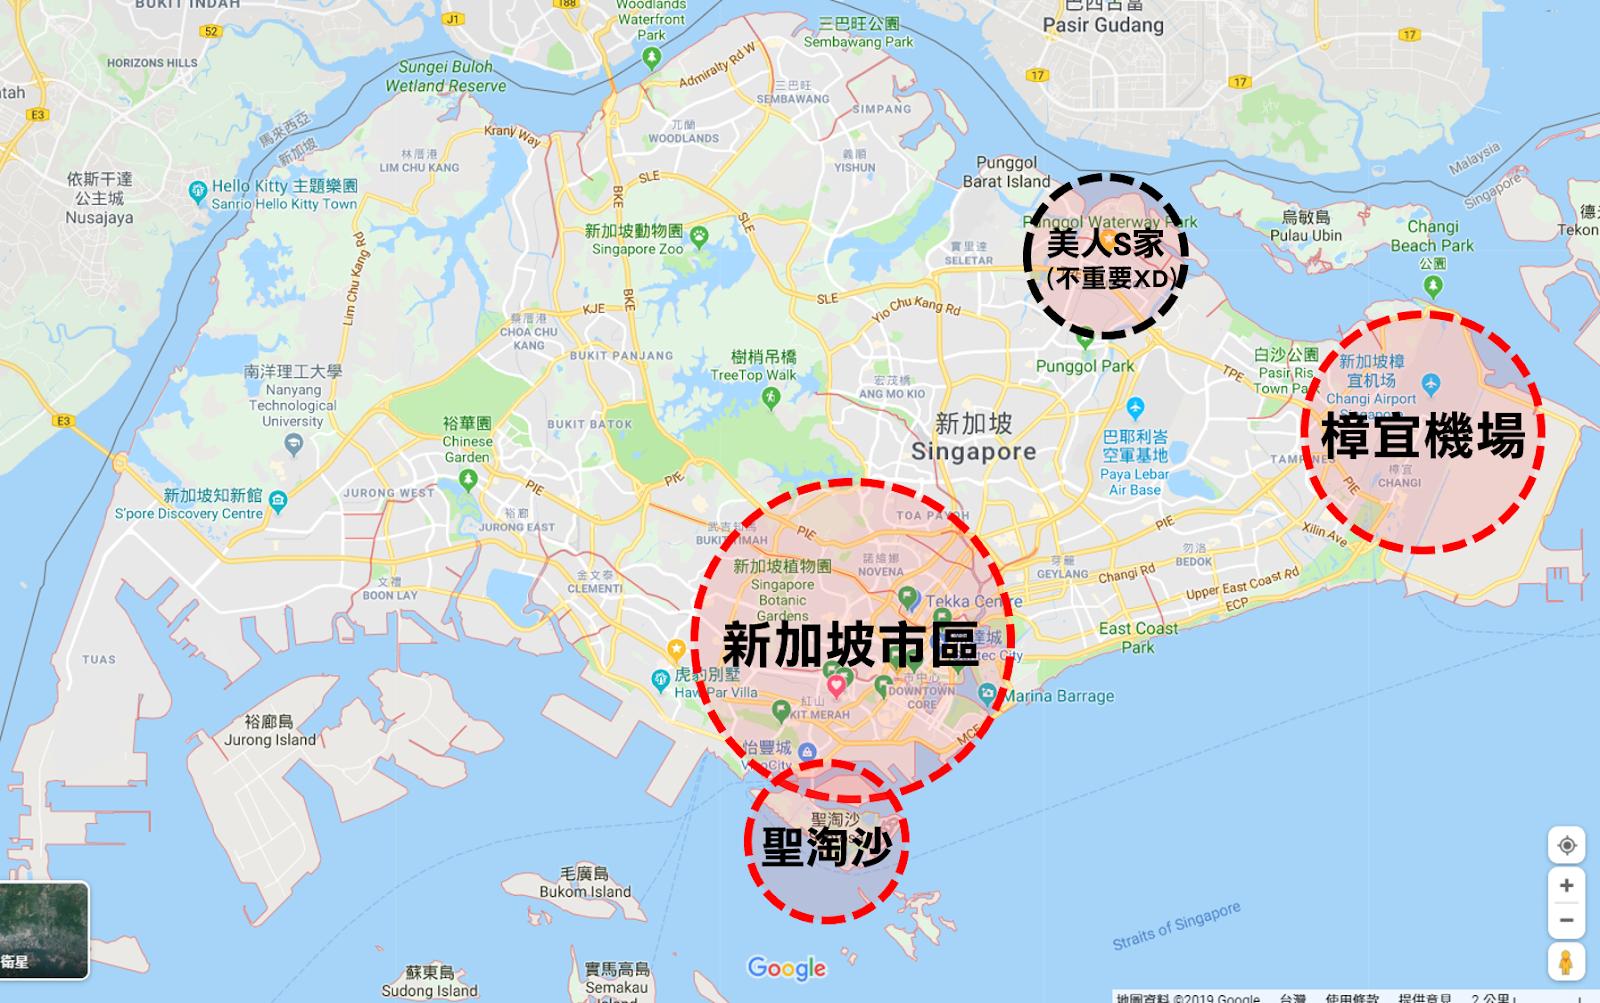 新加坡自由行|新加坡換錢/地圖/網卡推薦/樟宜機場交通攻略懶人包 - 90後的生活 A Side / B Side